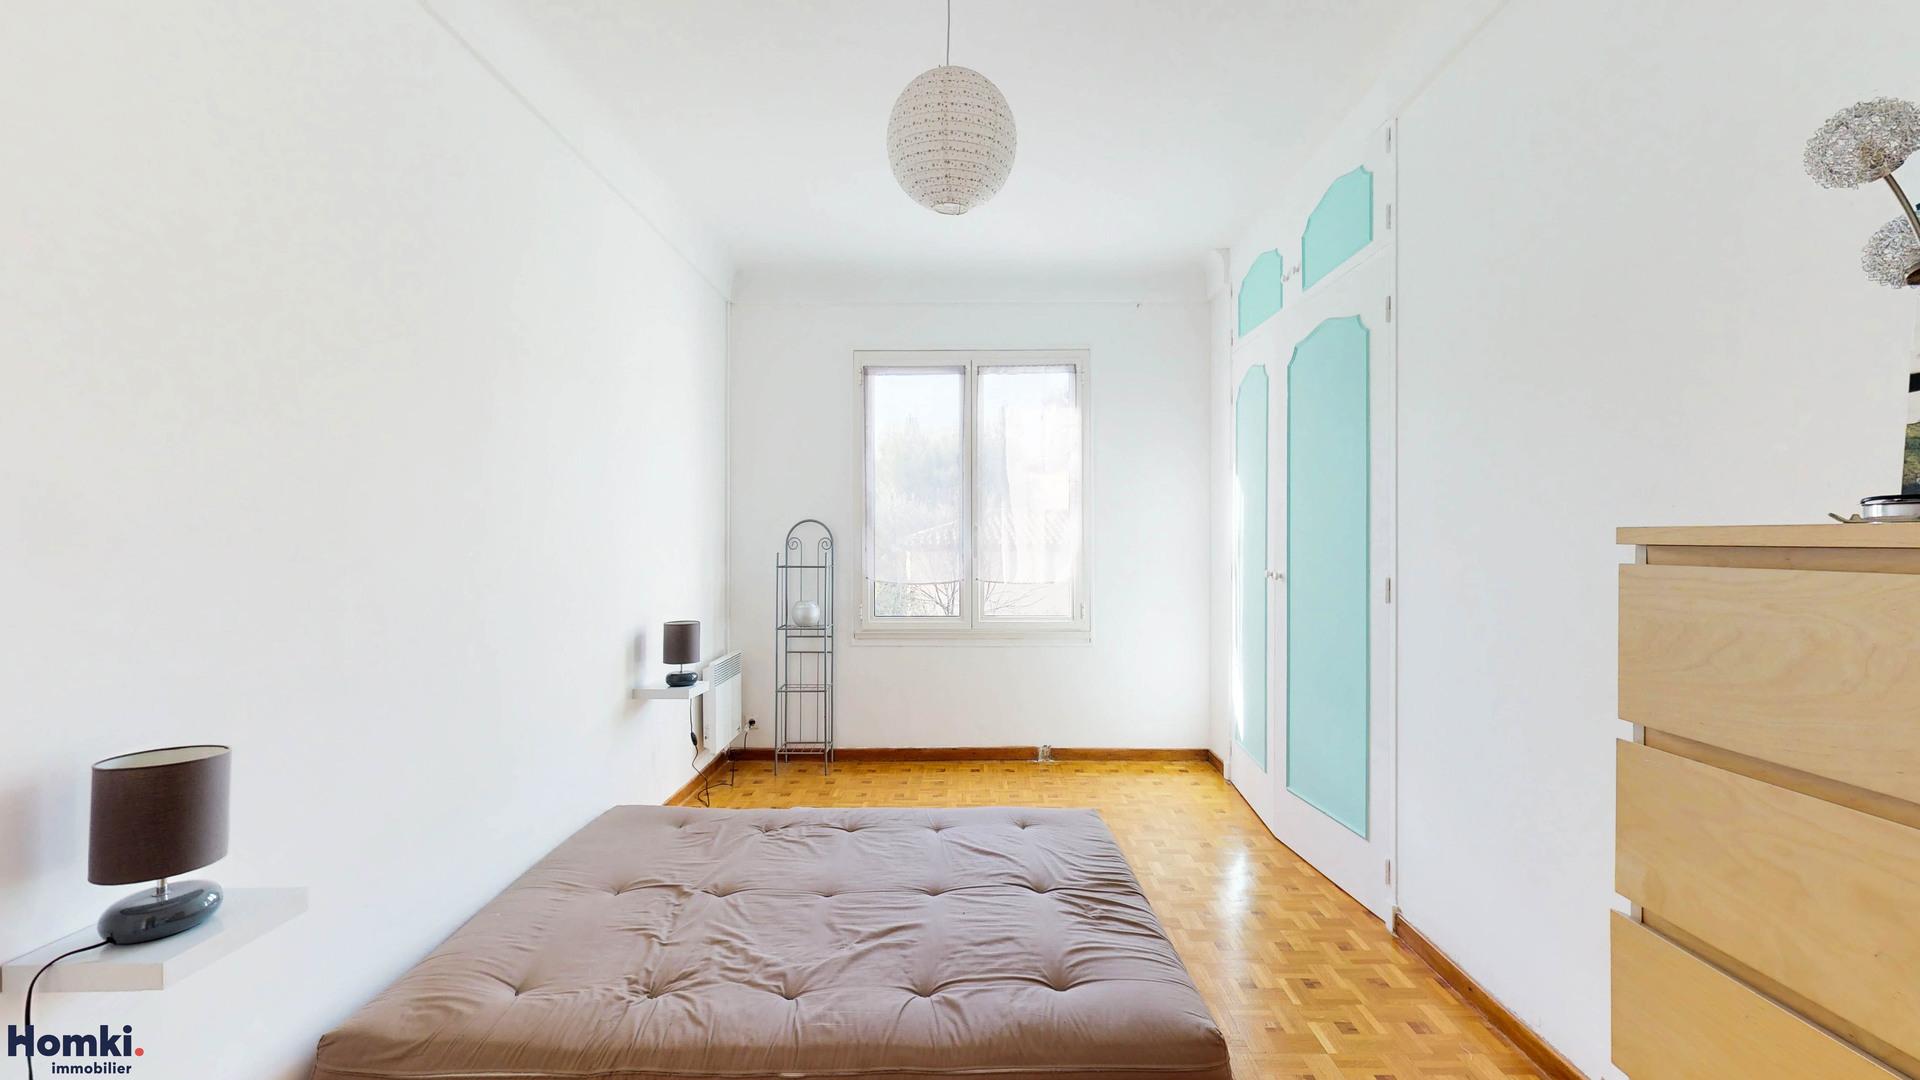 Vente Appartement 104 m² T4 13400 Aubagne_8